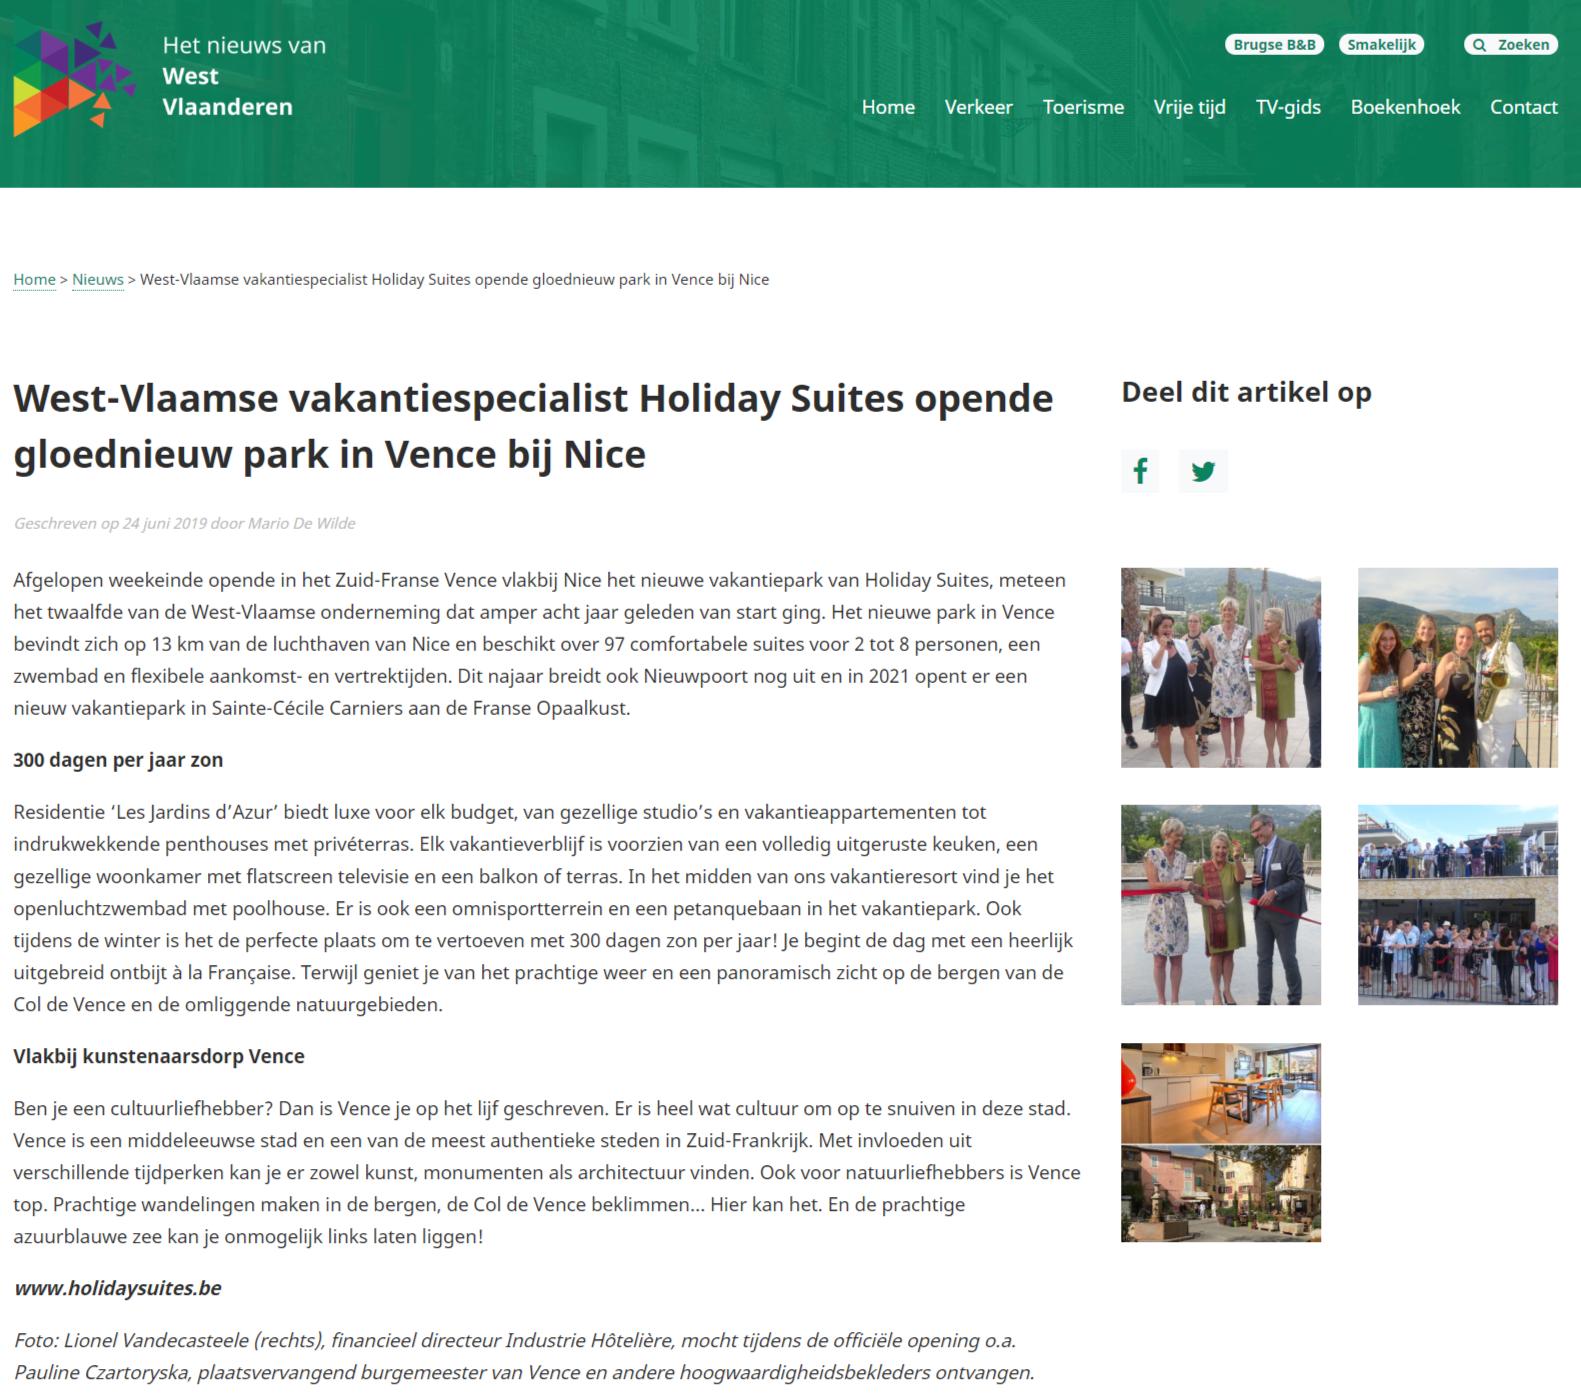 Nieuws van West-Vlaanderen